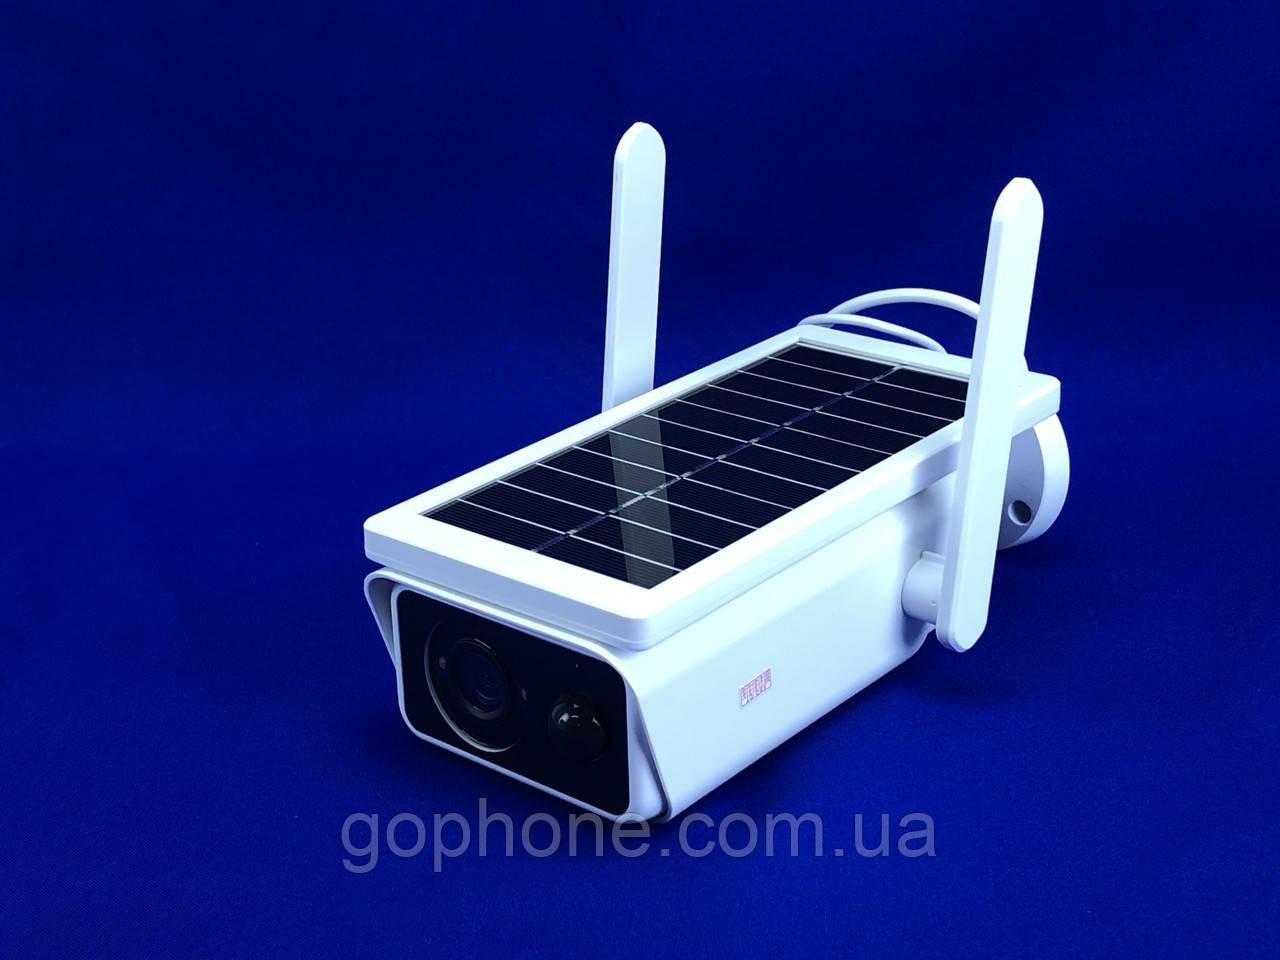 Беспроводная WiFi-камера на солнечной батарее 9591 (ABQ-Q1)